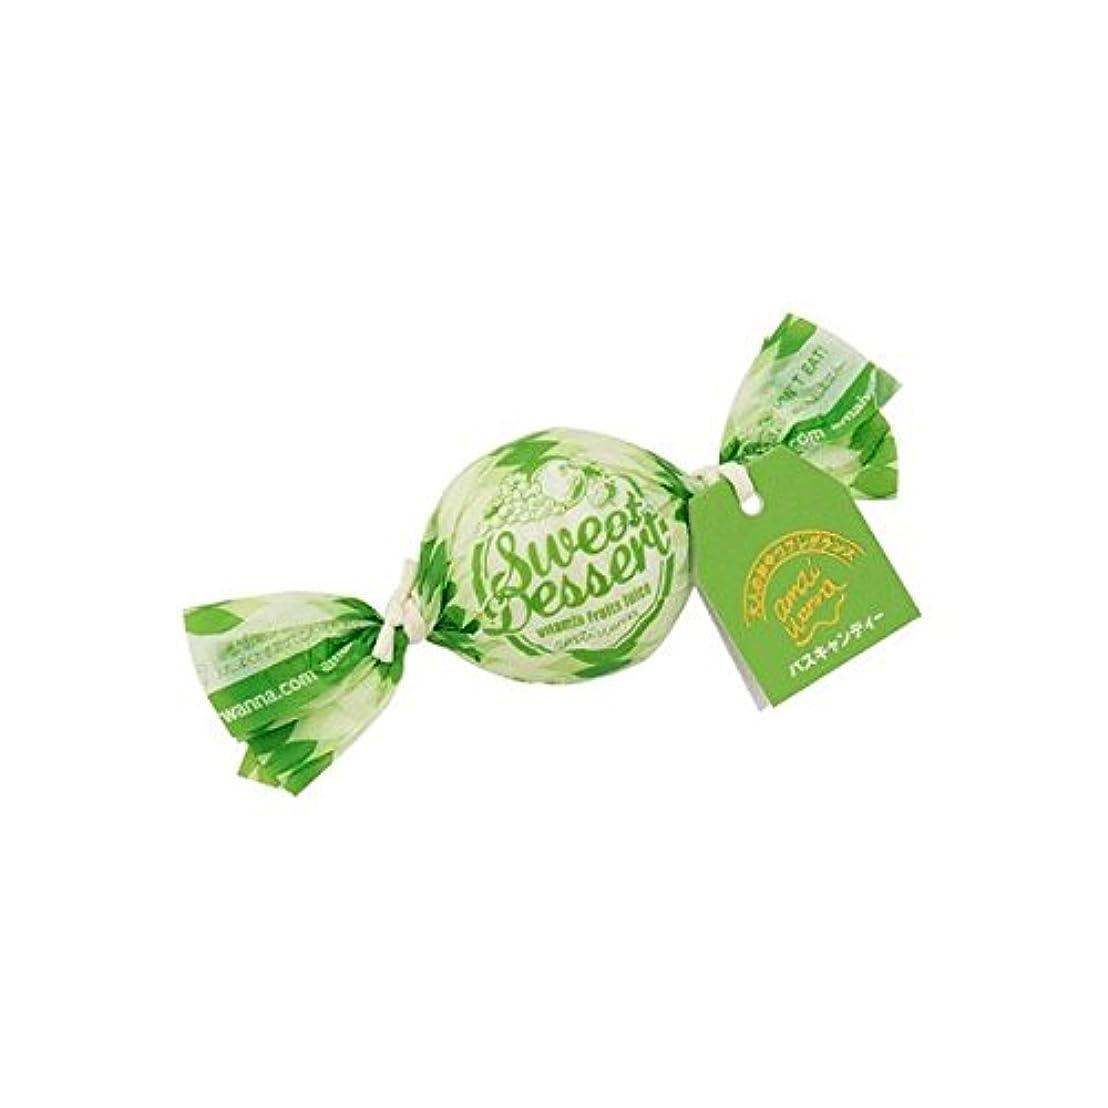 受粉する隔離するティームグローバルプロダクトプランニング アマイワナ バスキャンディー 1粒 ビタミンフルーツジュース 35g 4517161124224